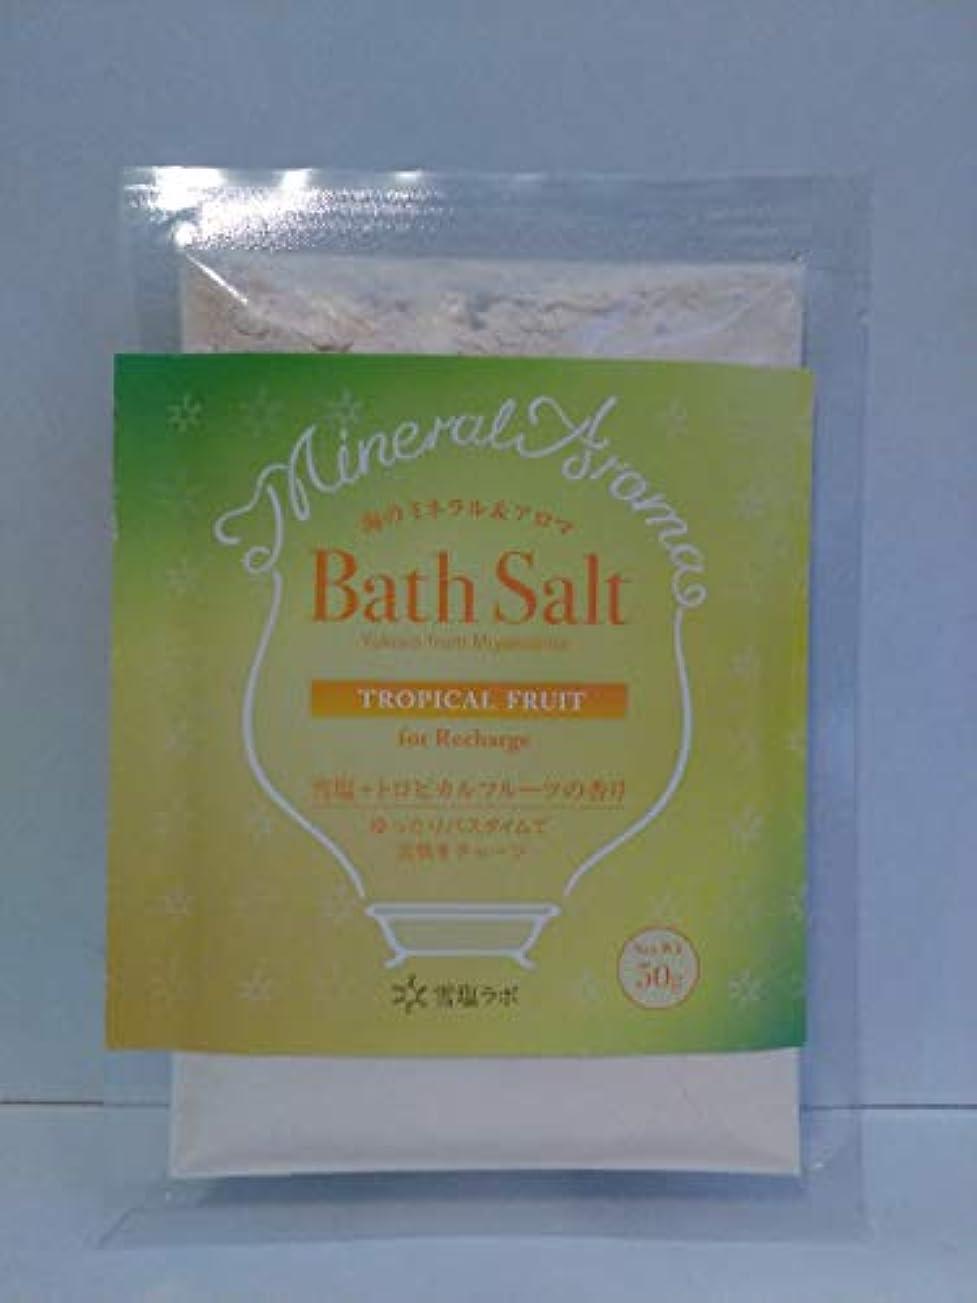 間代数的魅力的であることへのアピール海のミネラル&アロマ Bath Salt 雪塩+トロピカルフルーツの香り